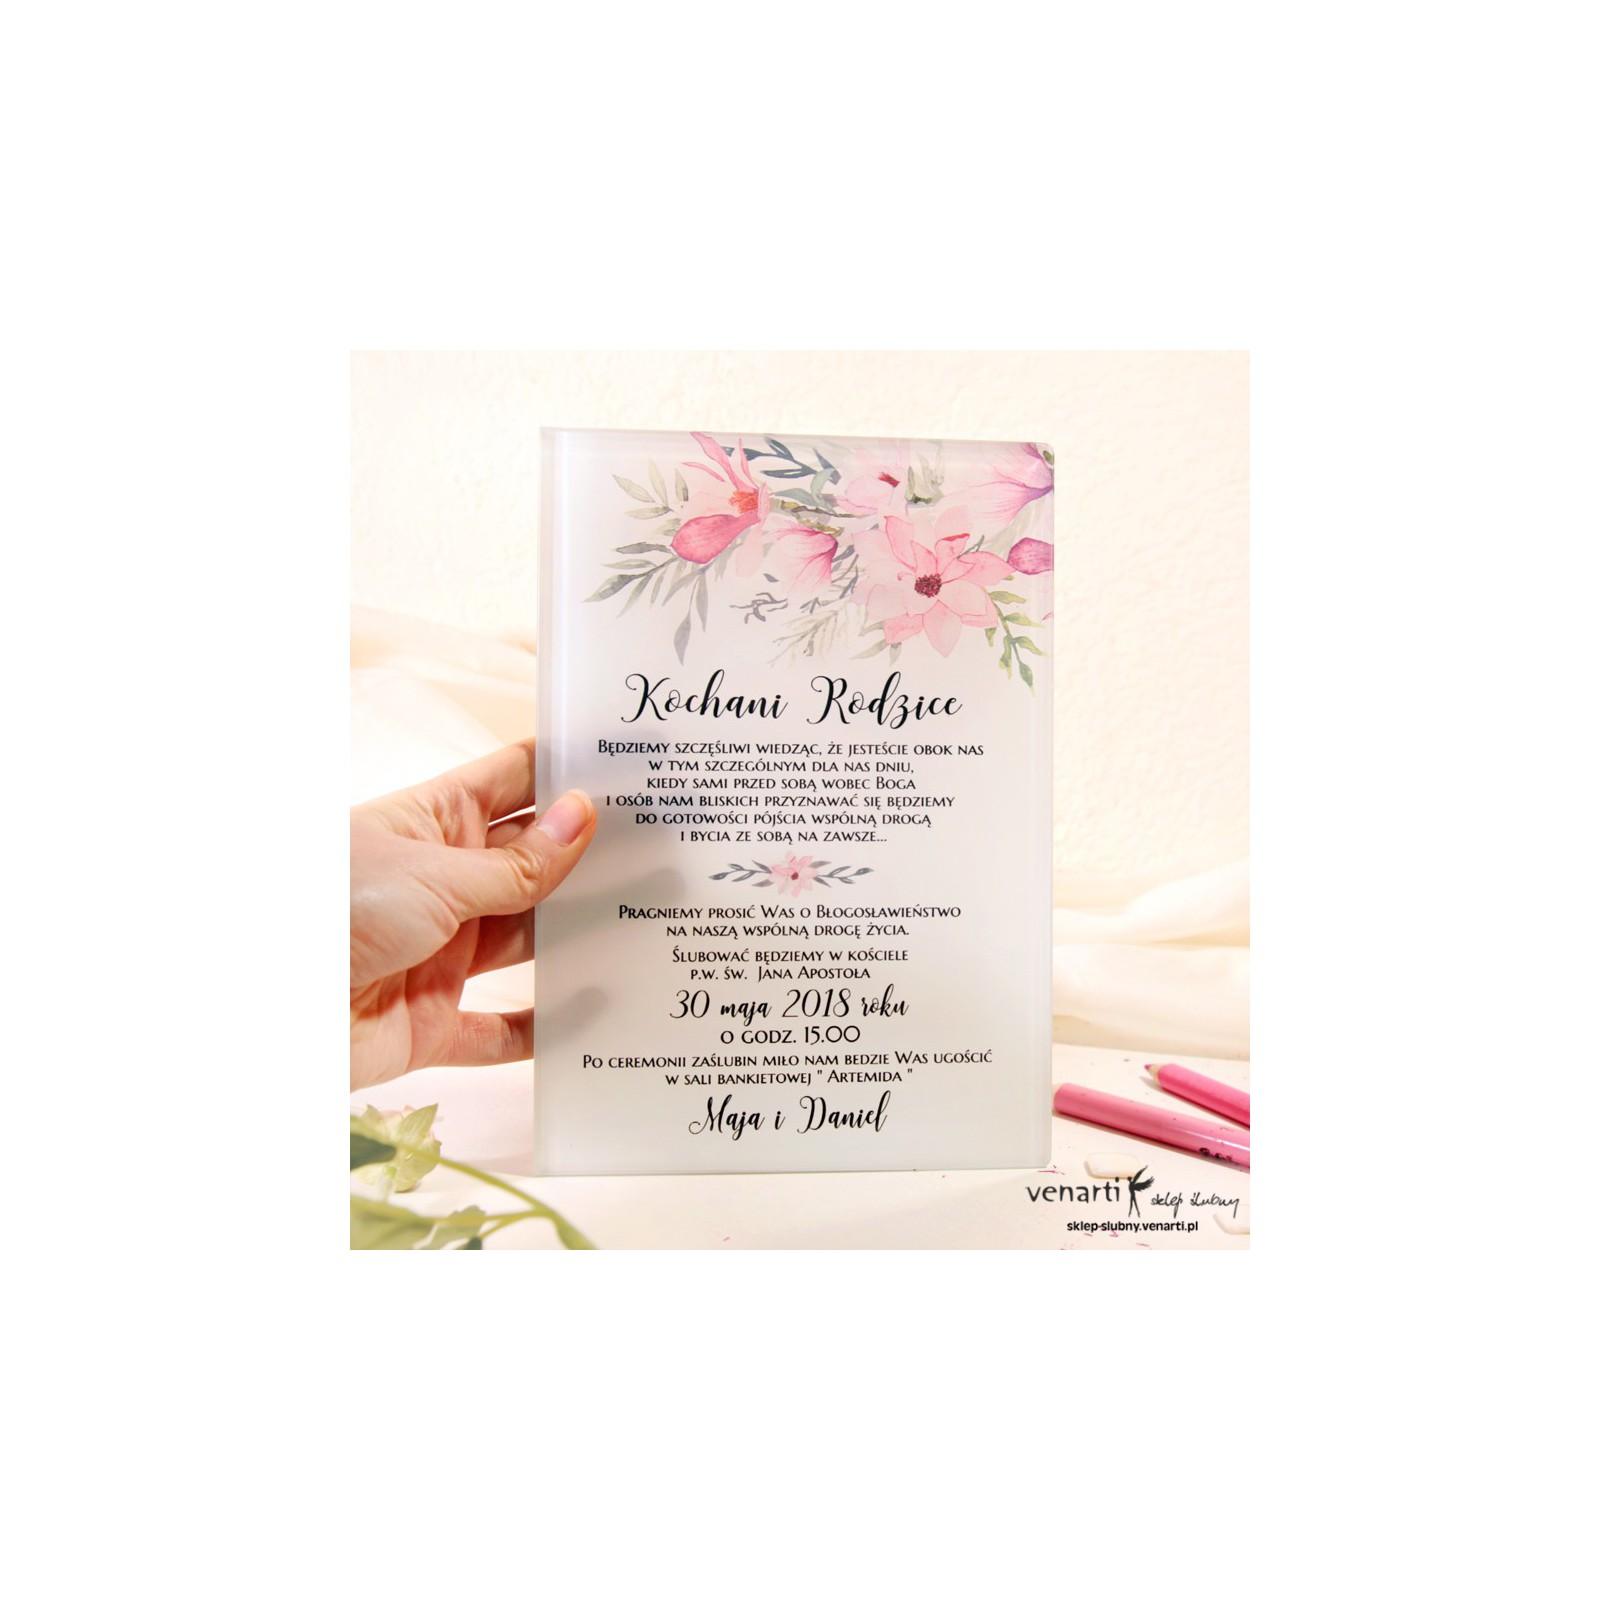 Magnolia Szklane Zaproszenia Dla Rodziców 1952 Sklep ślubny Venarti